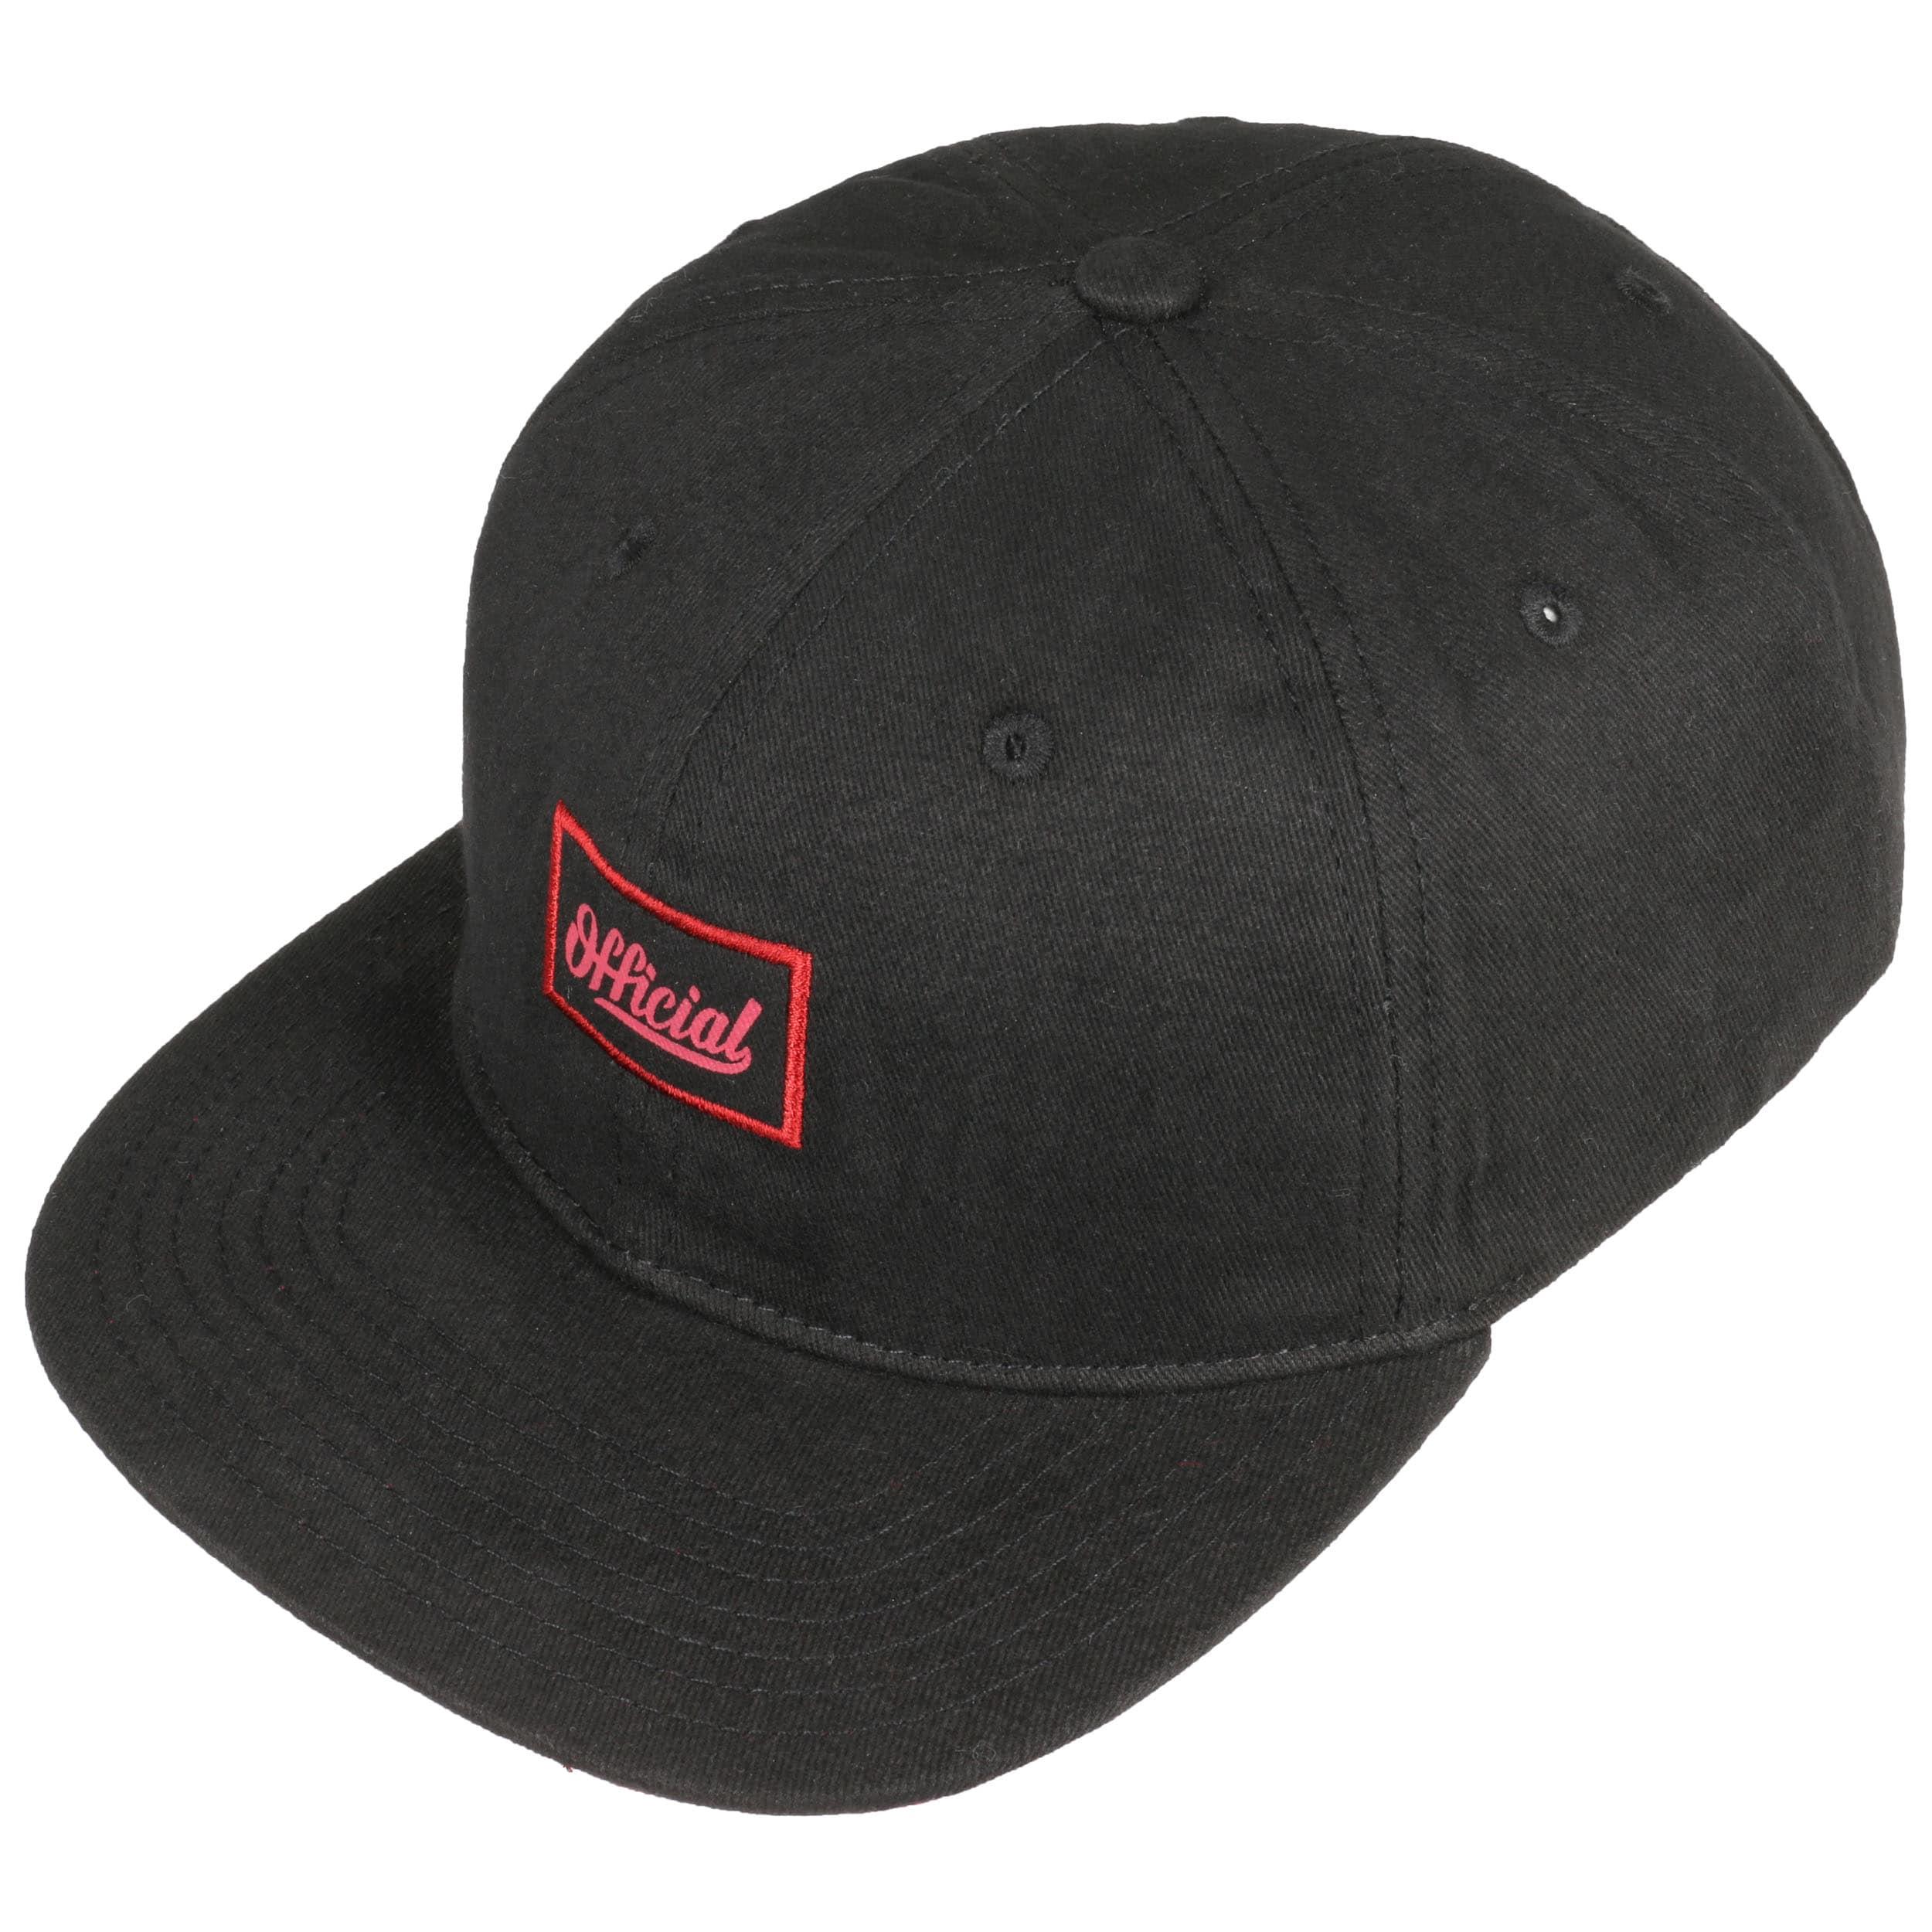 2f5cac6f079bd ... Yardie Snapback Cap by Official Headwear - black 1 ...